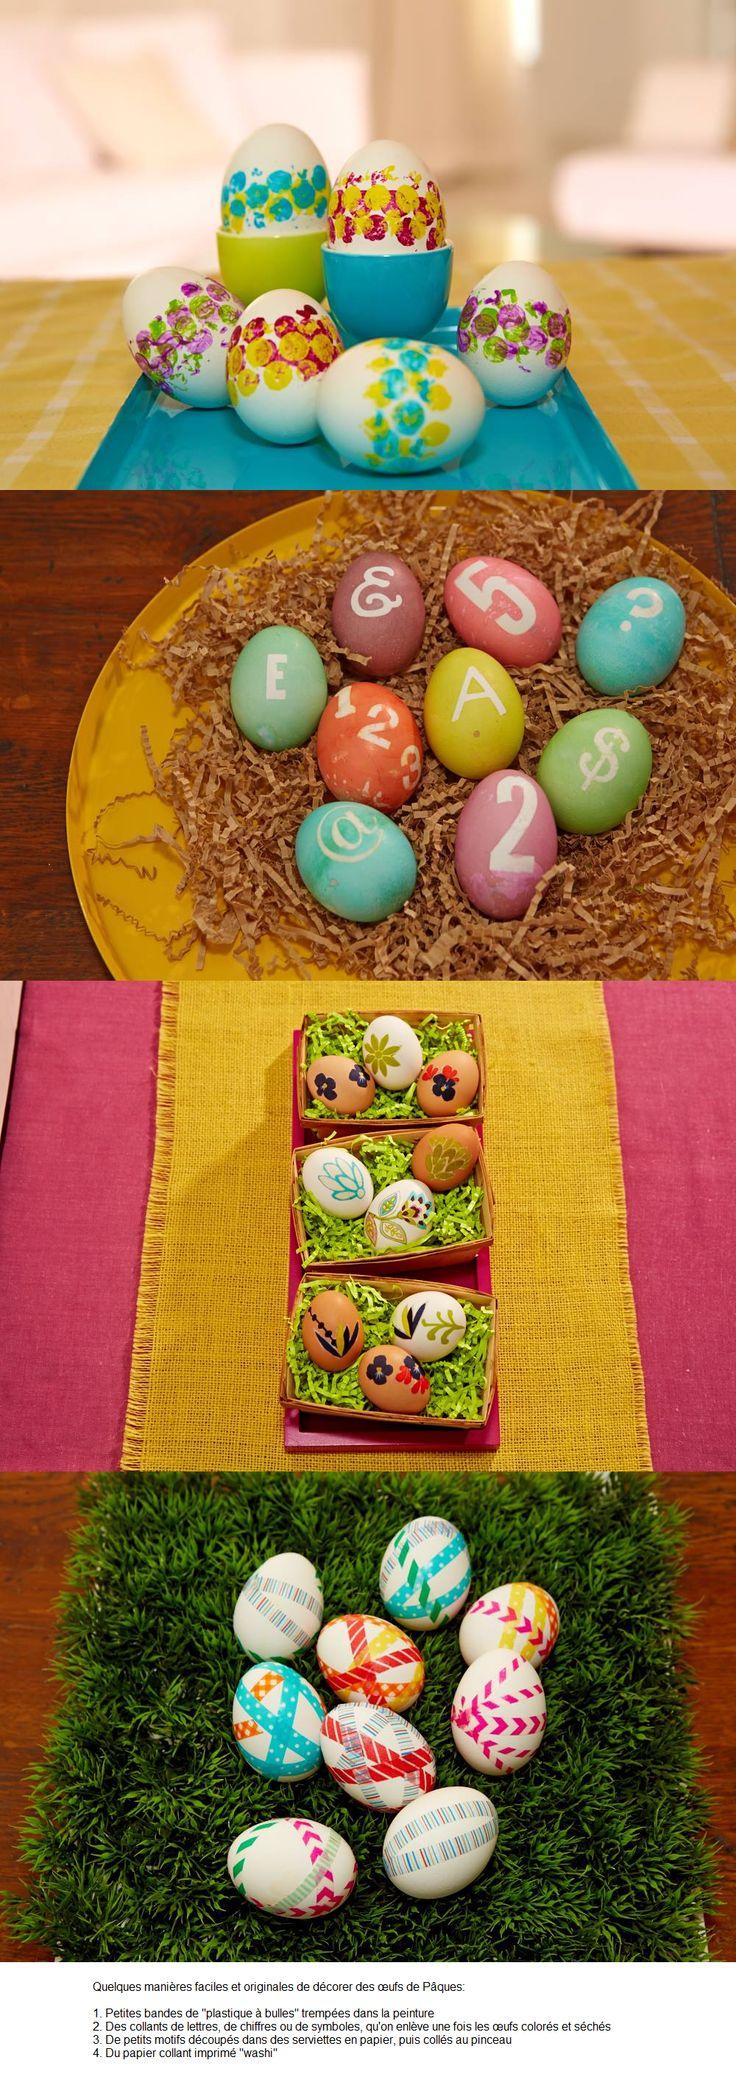 comment décorer des oeufs pour Pâques  Brico  Pinterest